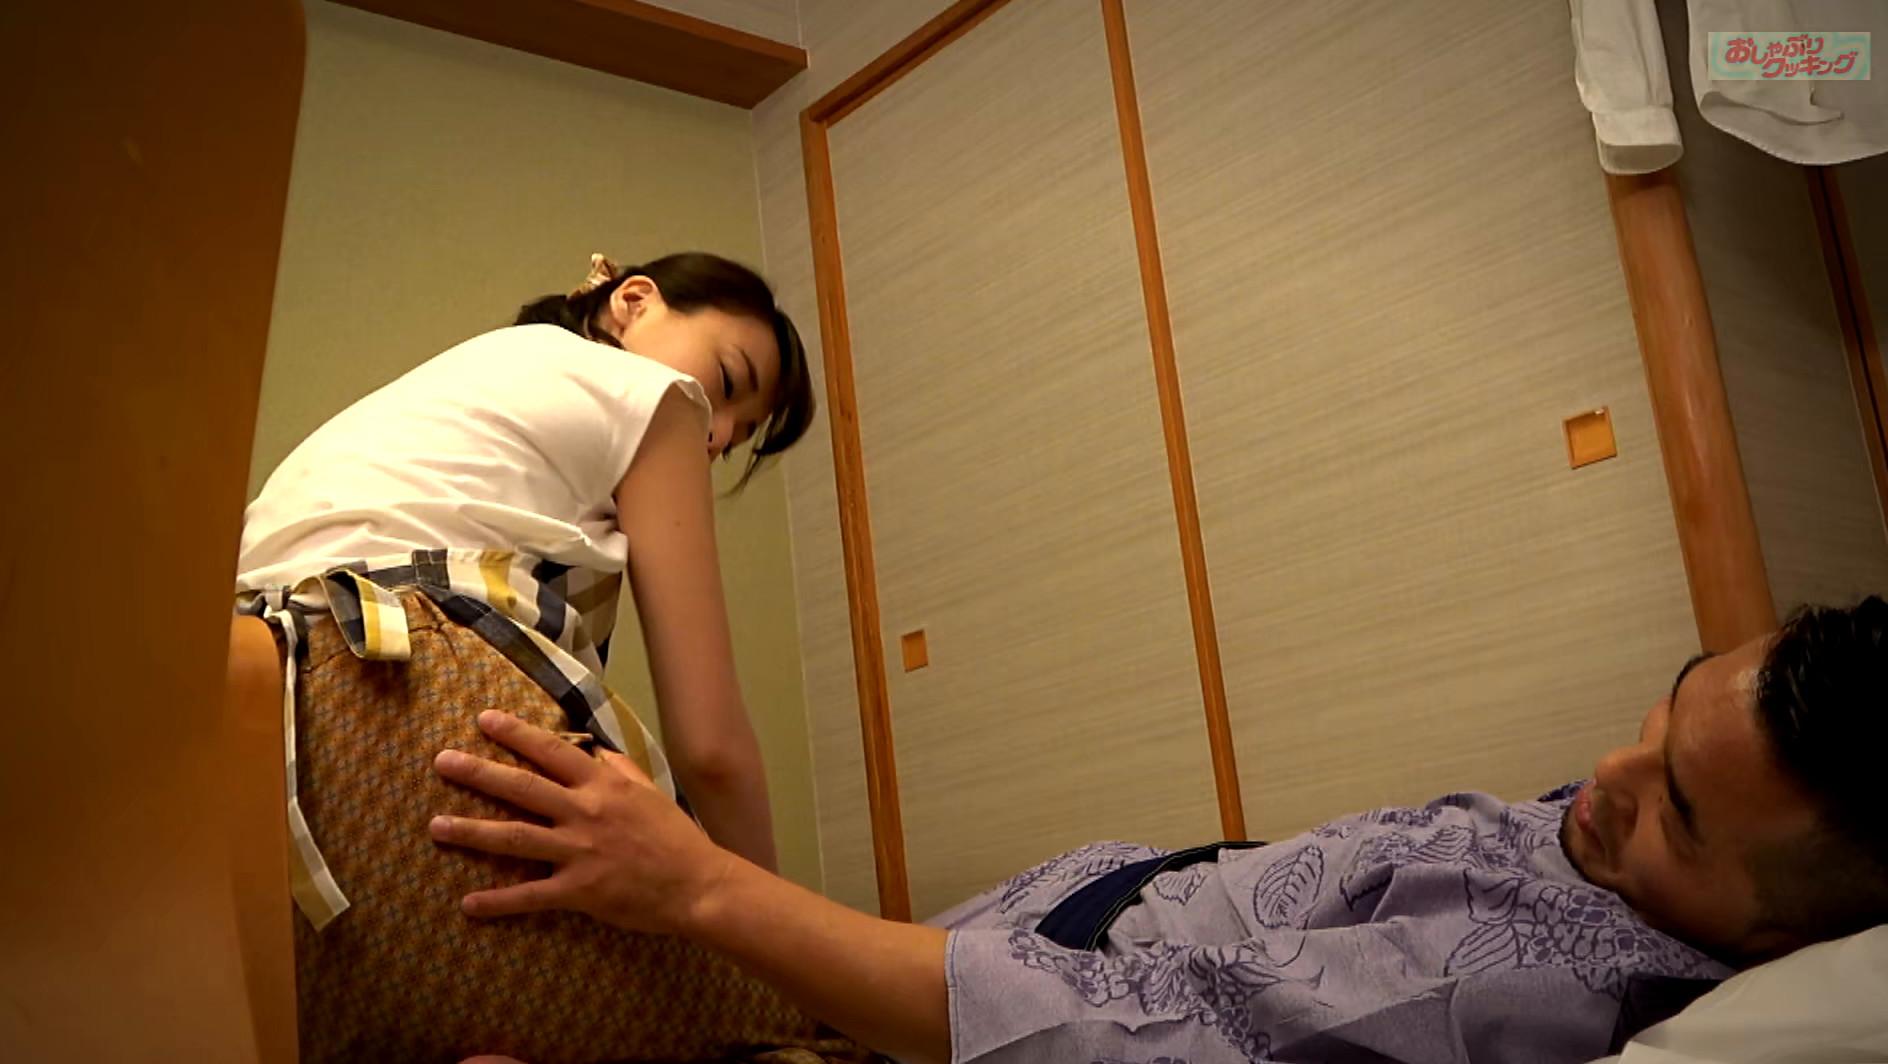 田舎の旅館をひとりで切盛りする美人女将に夜這いしました ゆり40歳 画像4